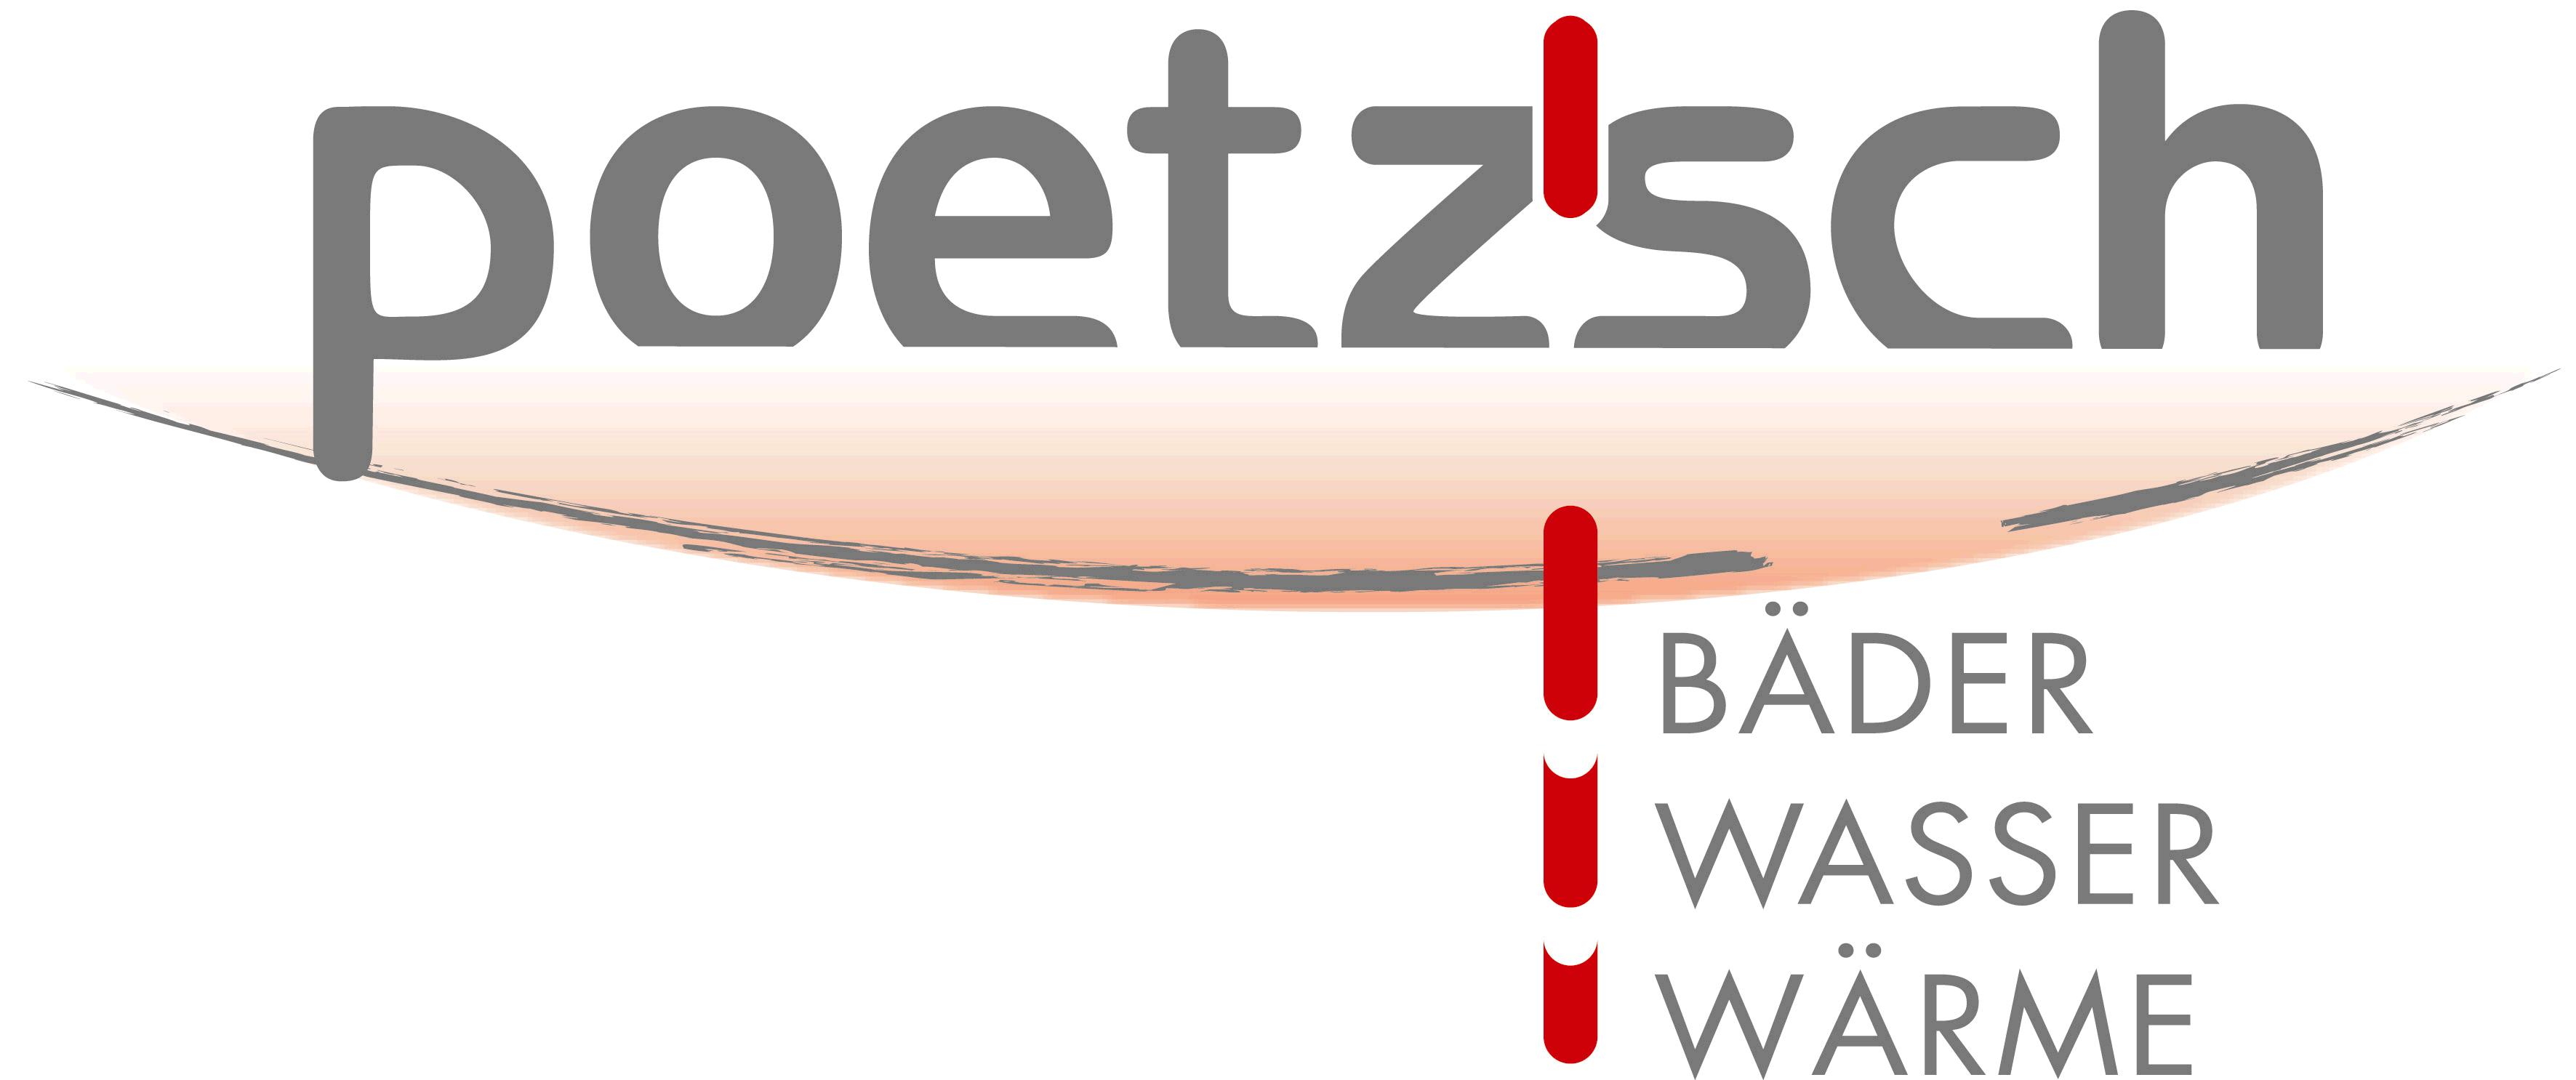 Matthias Poetzsch - Bäder, Wasser, Wärme